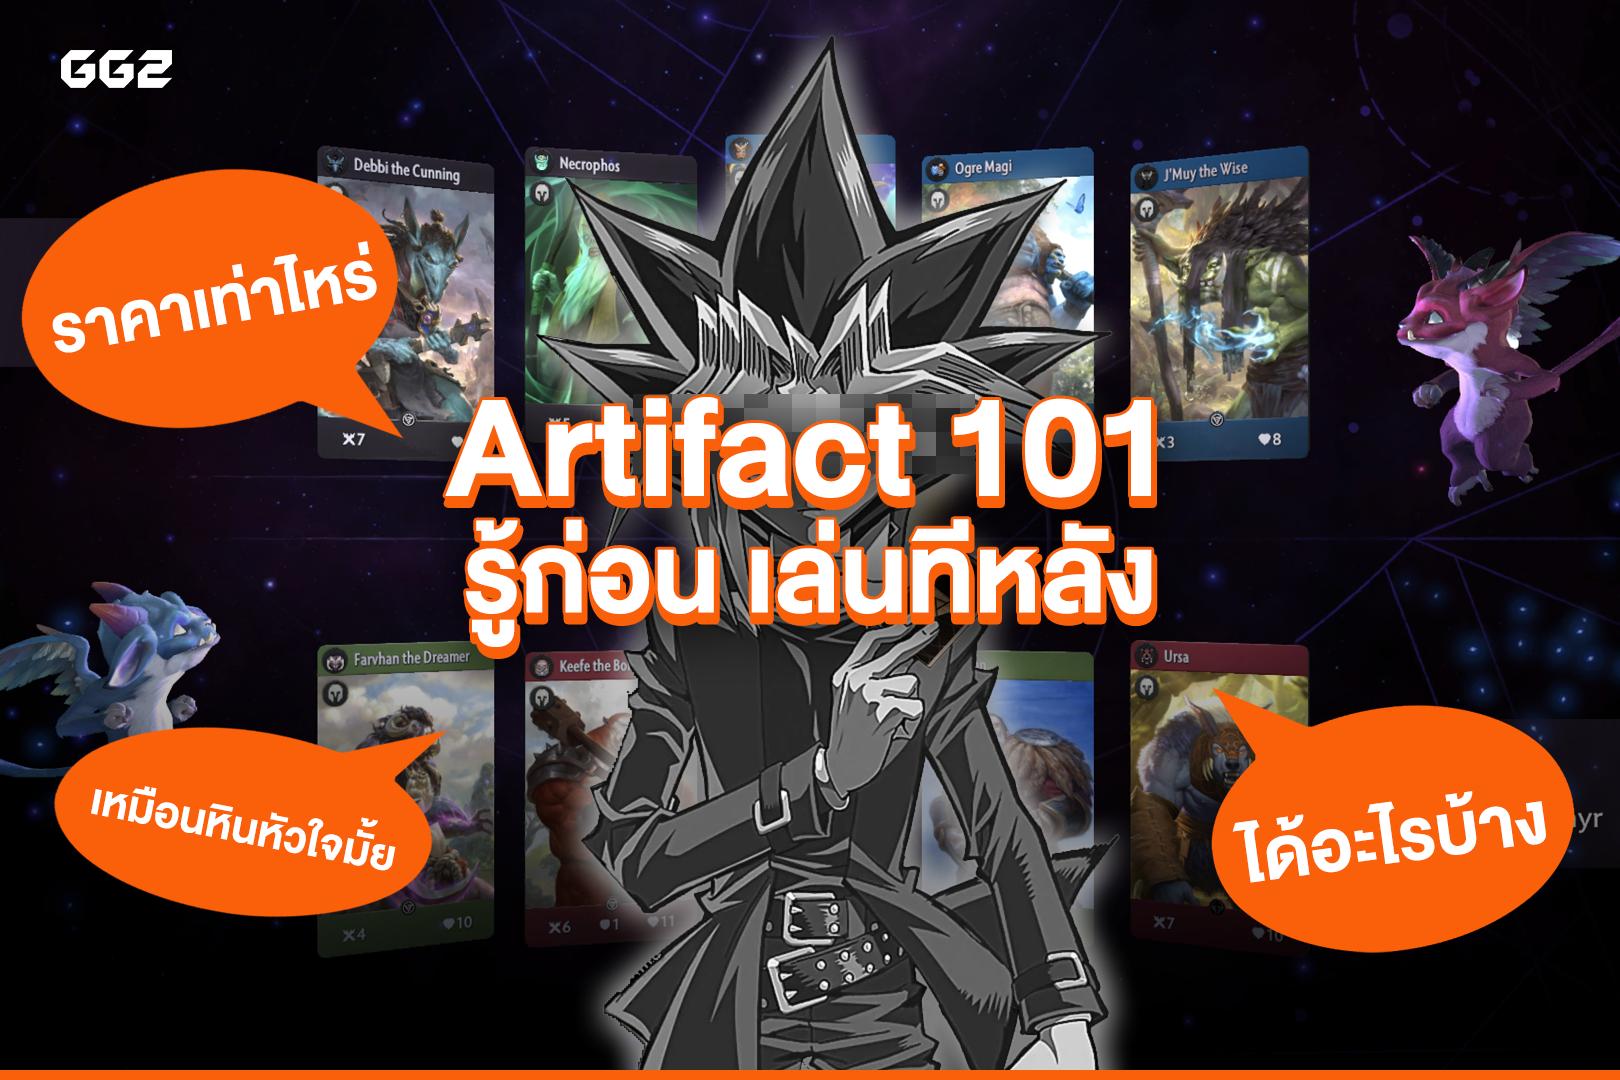 รู้ก่อน เล่นทีหลัง! Artifact 101 ทำความรู้จักเกมอย่างง่ายการตัดสินใจซื้อ